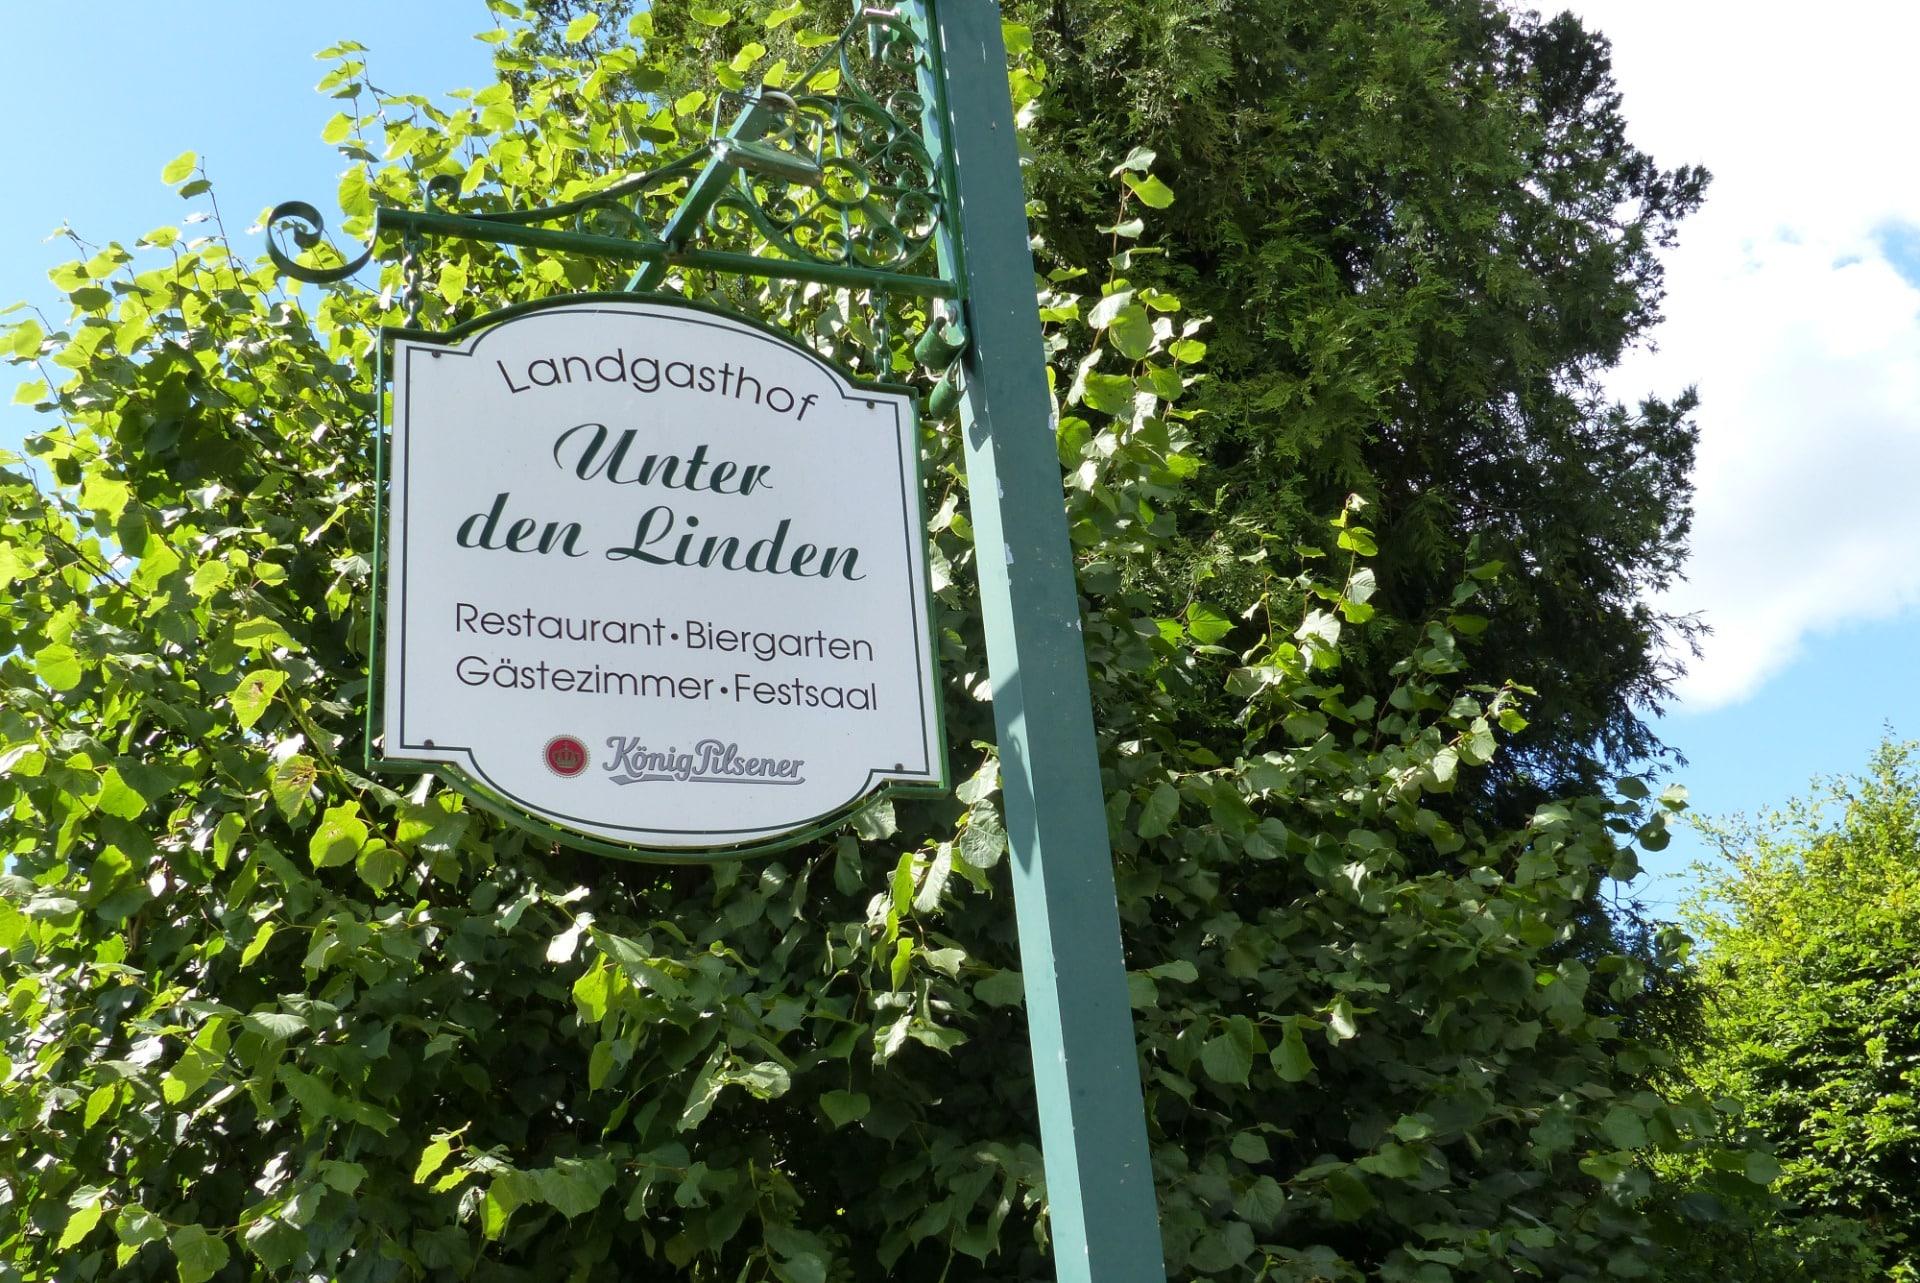 Landgasthof Unter den Linden im Ort Oelixdorf